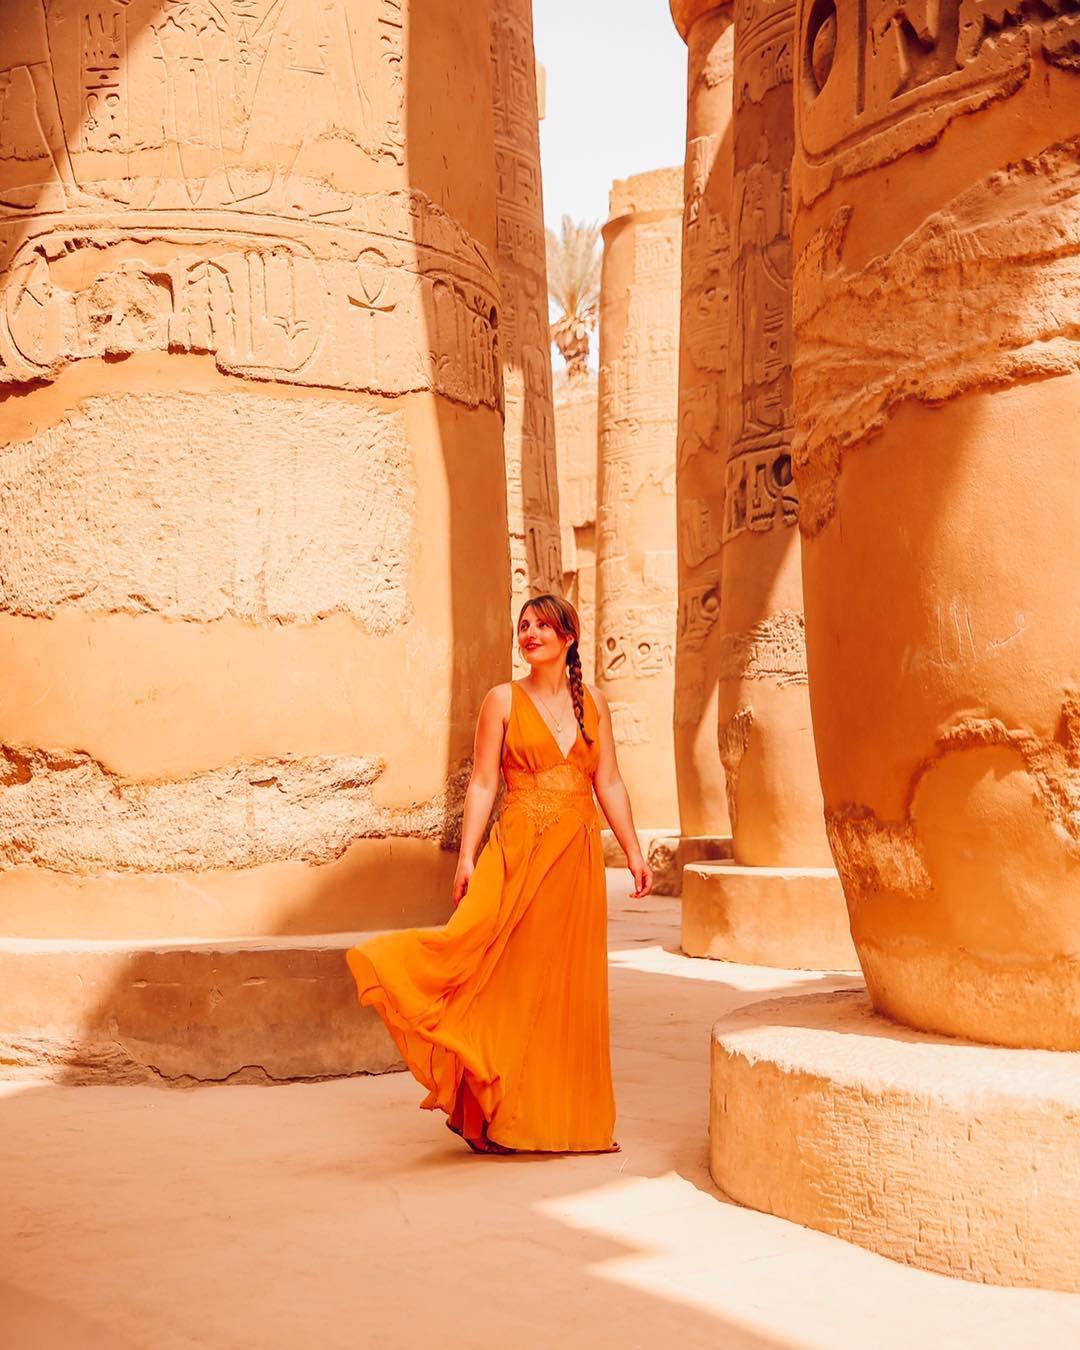 Đền Karnak: Bảo tàng ngoài trời lớn nhất thế giới, khiến giới blogger du lịch mê mẩn khi đặt chân đến Ai Cập - Ảnh 6.